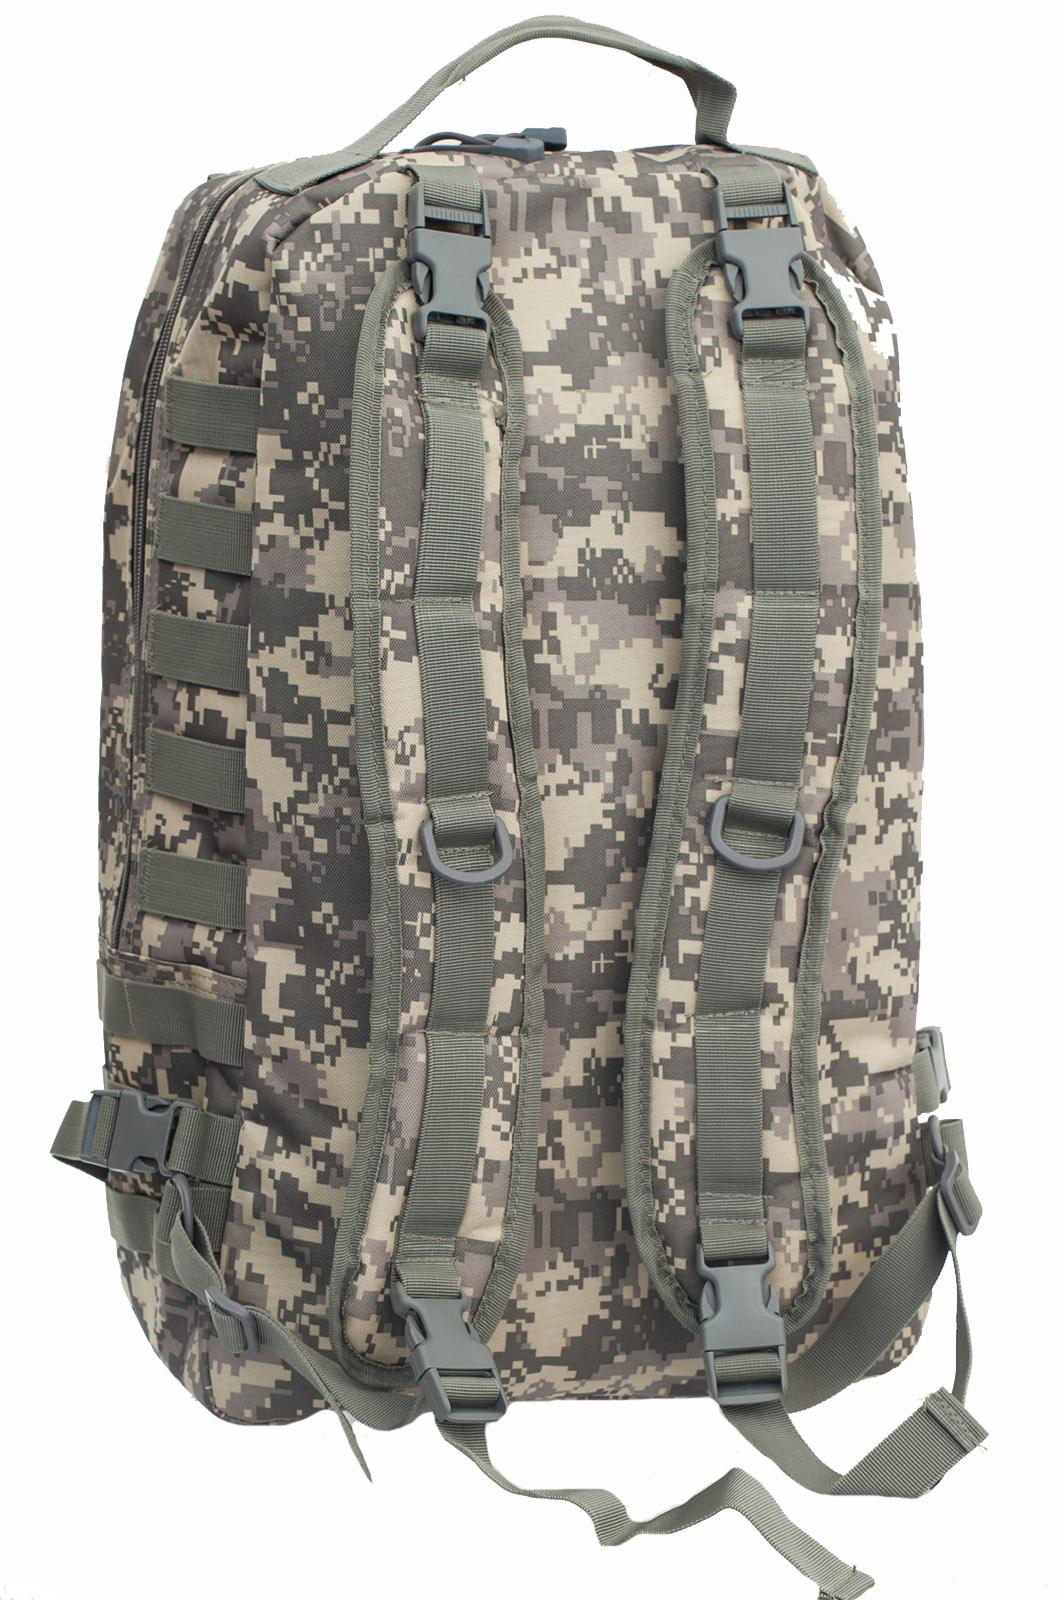 Рейдовый рюкзак камуфляж ACU с эмблемой МВД